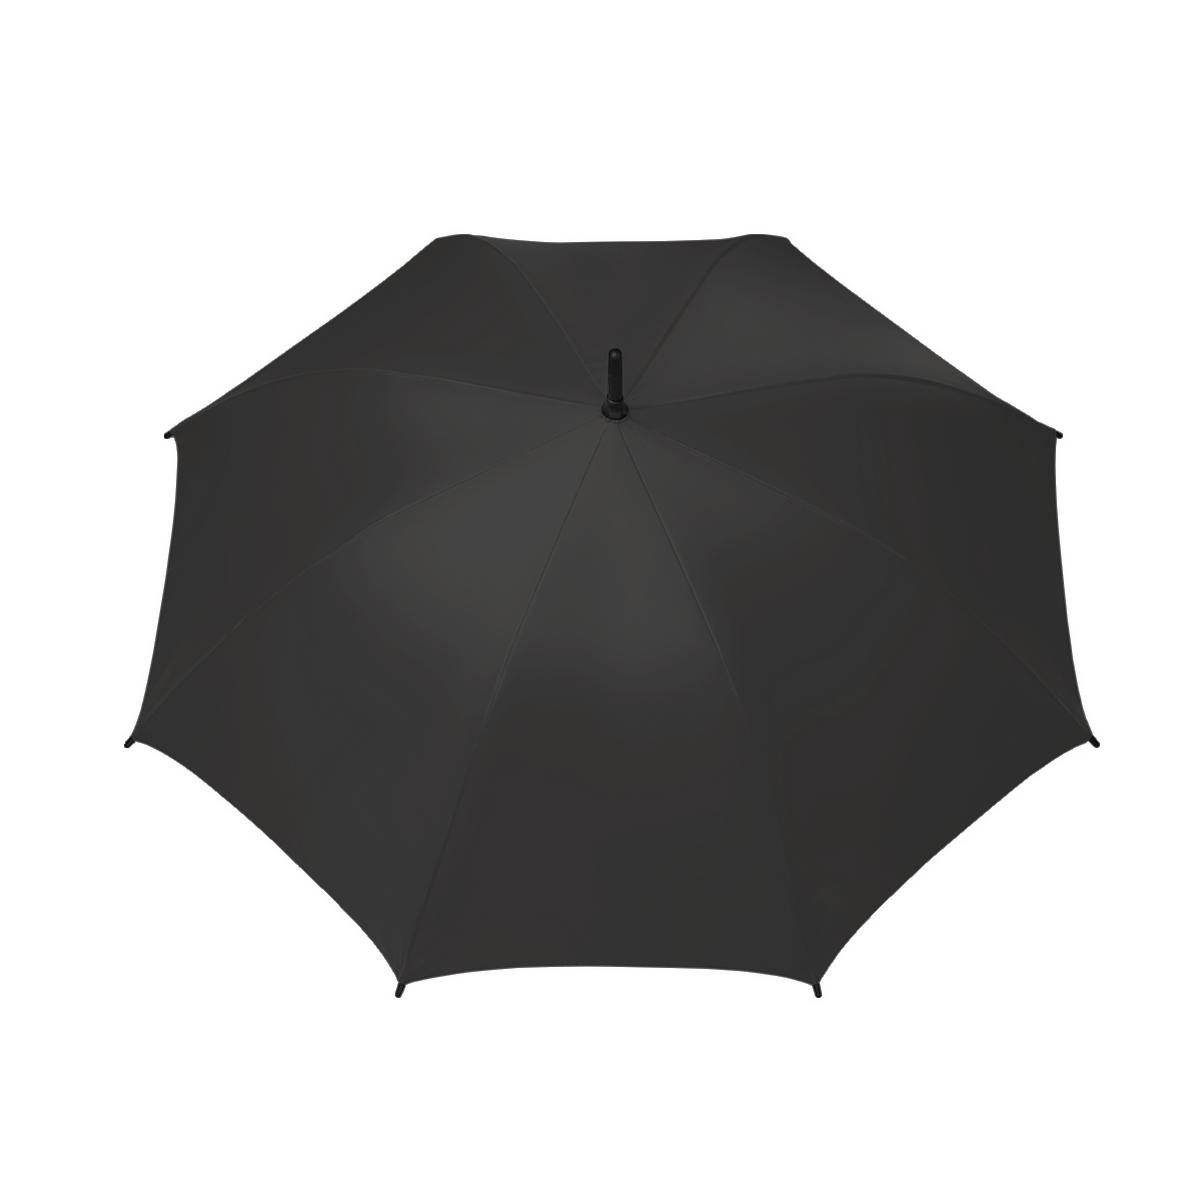 Paraguas DUMM